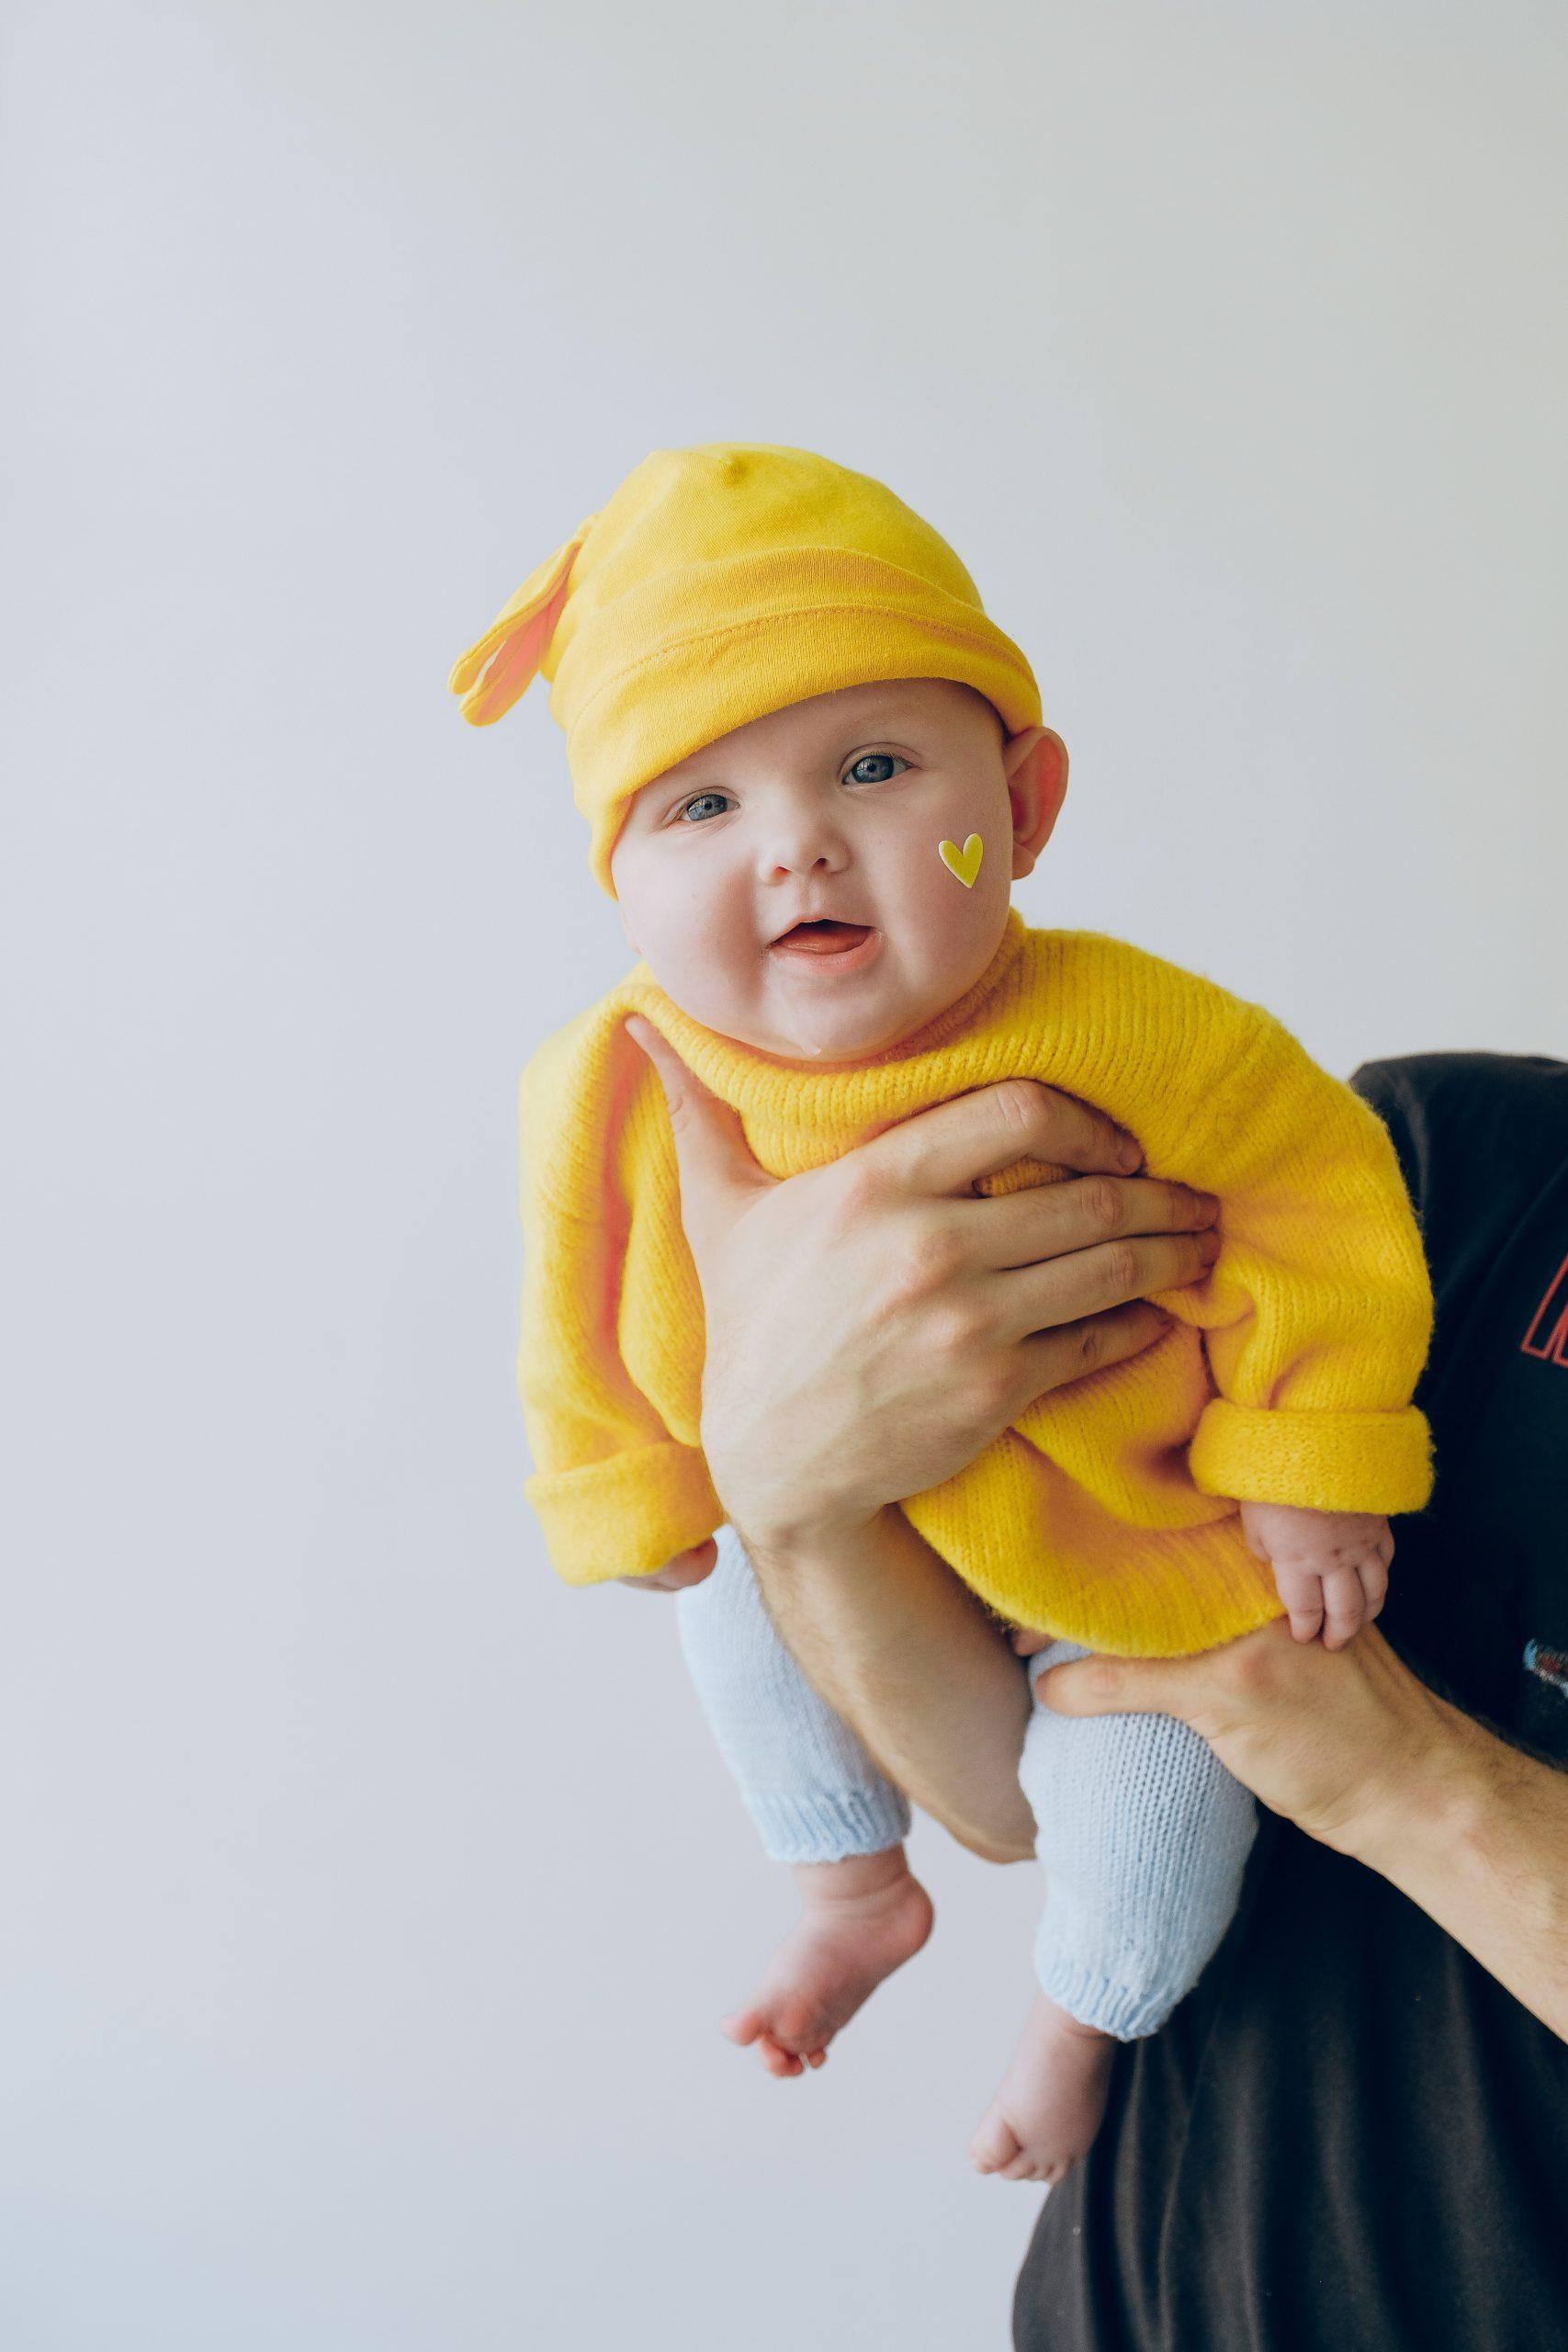 Fractionnement du nouveau congé de paternité et d'accueil de l'enfant possible ?